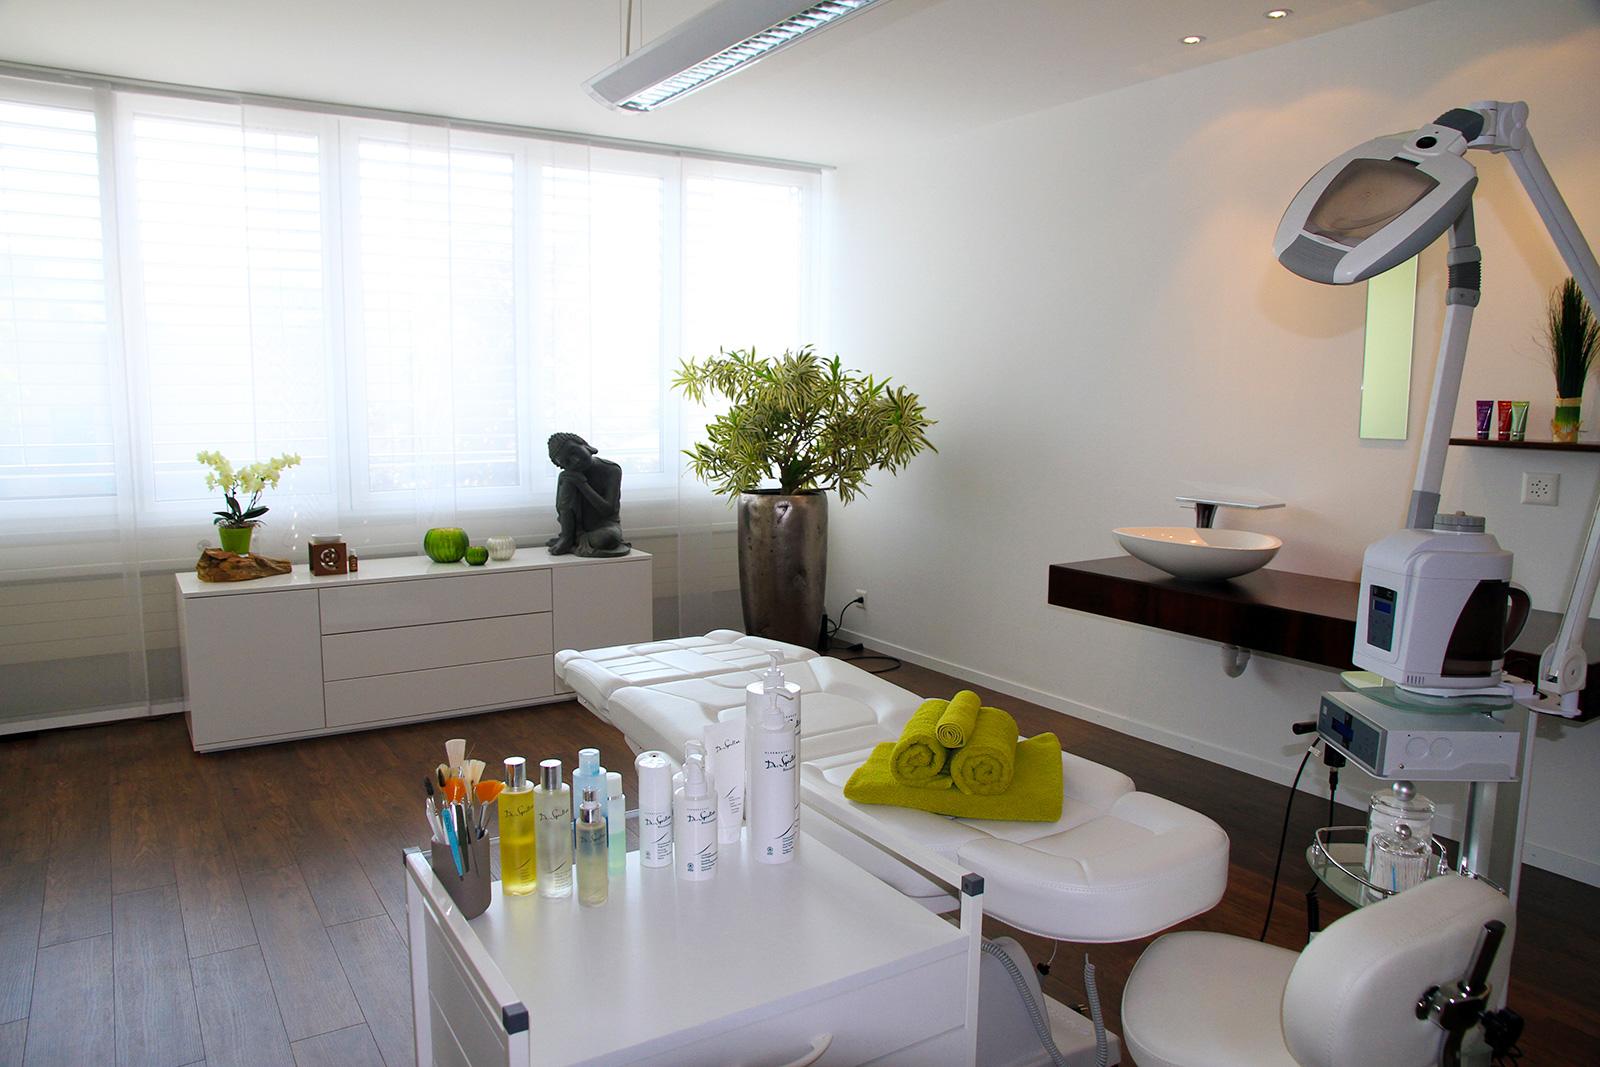 Beau Visage Kosmetik, Winterthur, Verkauf von Kosmetik und Behandlungen für Frauen und Männer